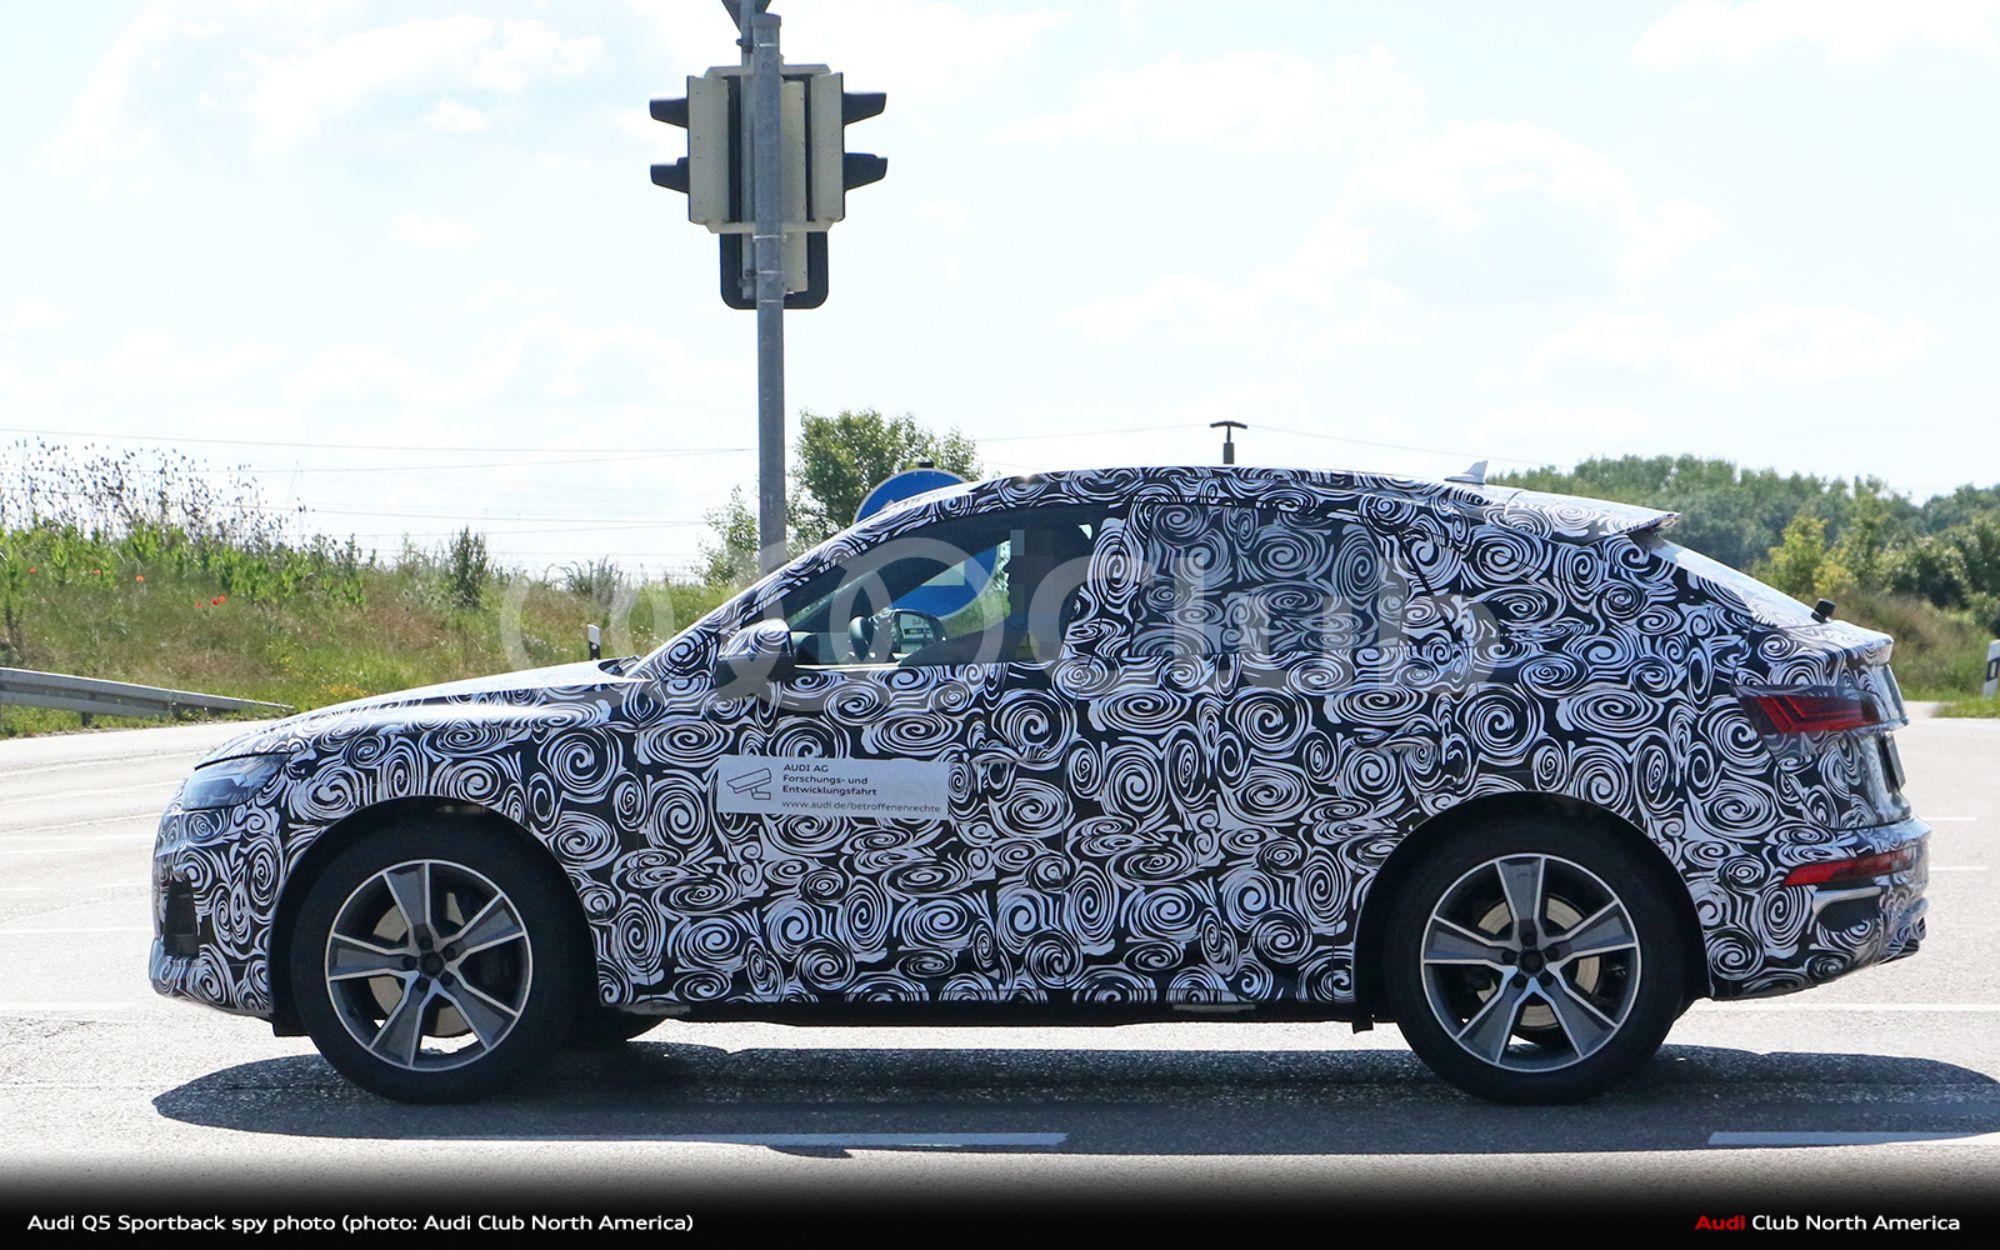 Kelebihan Kekurangan Audi Q5 Sportback Tangguh